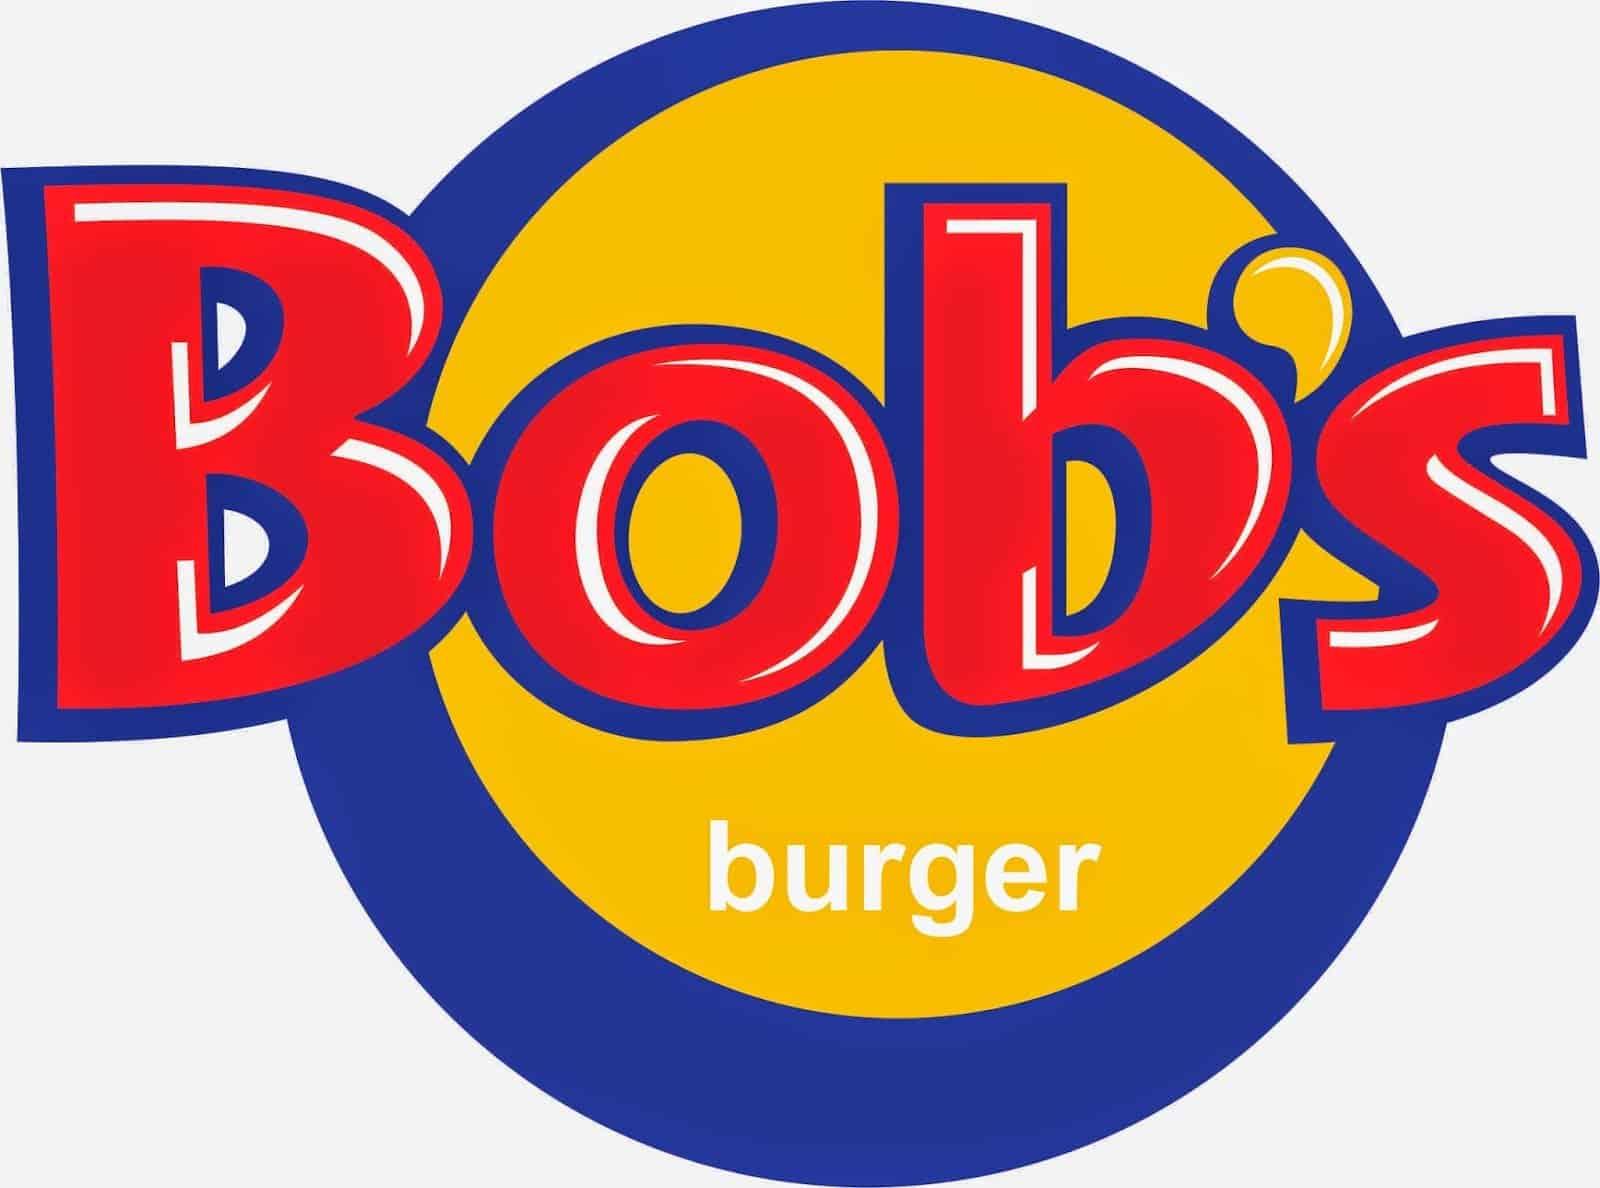 vaga atendente de restaurante bob's